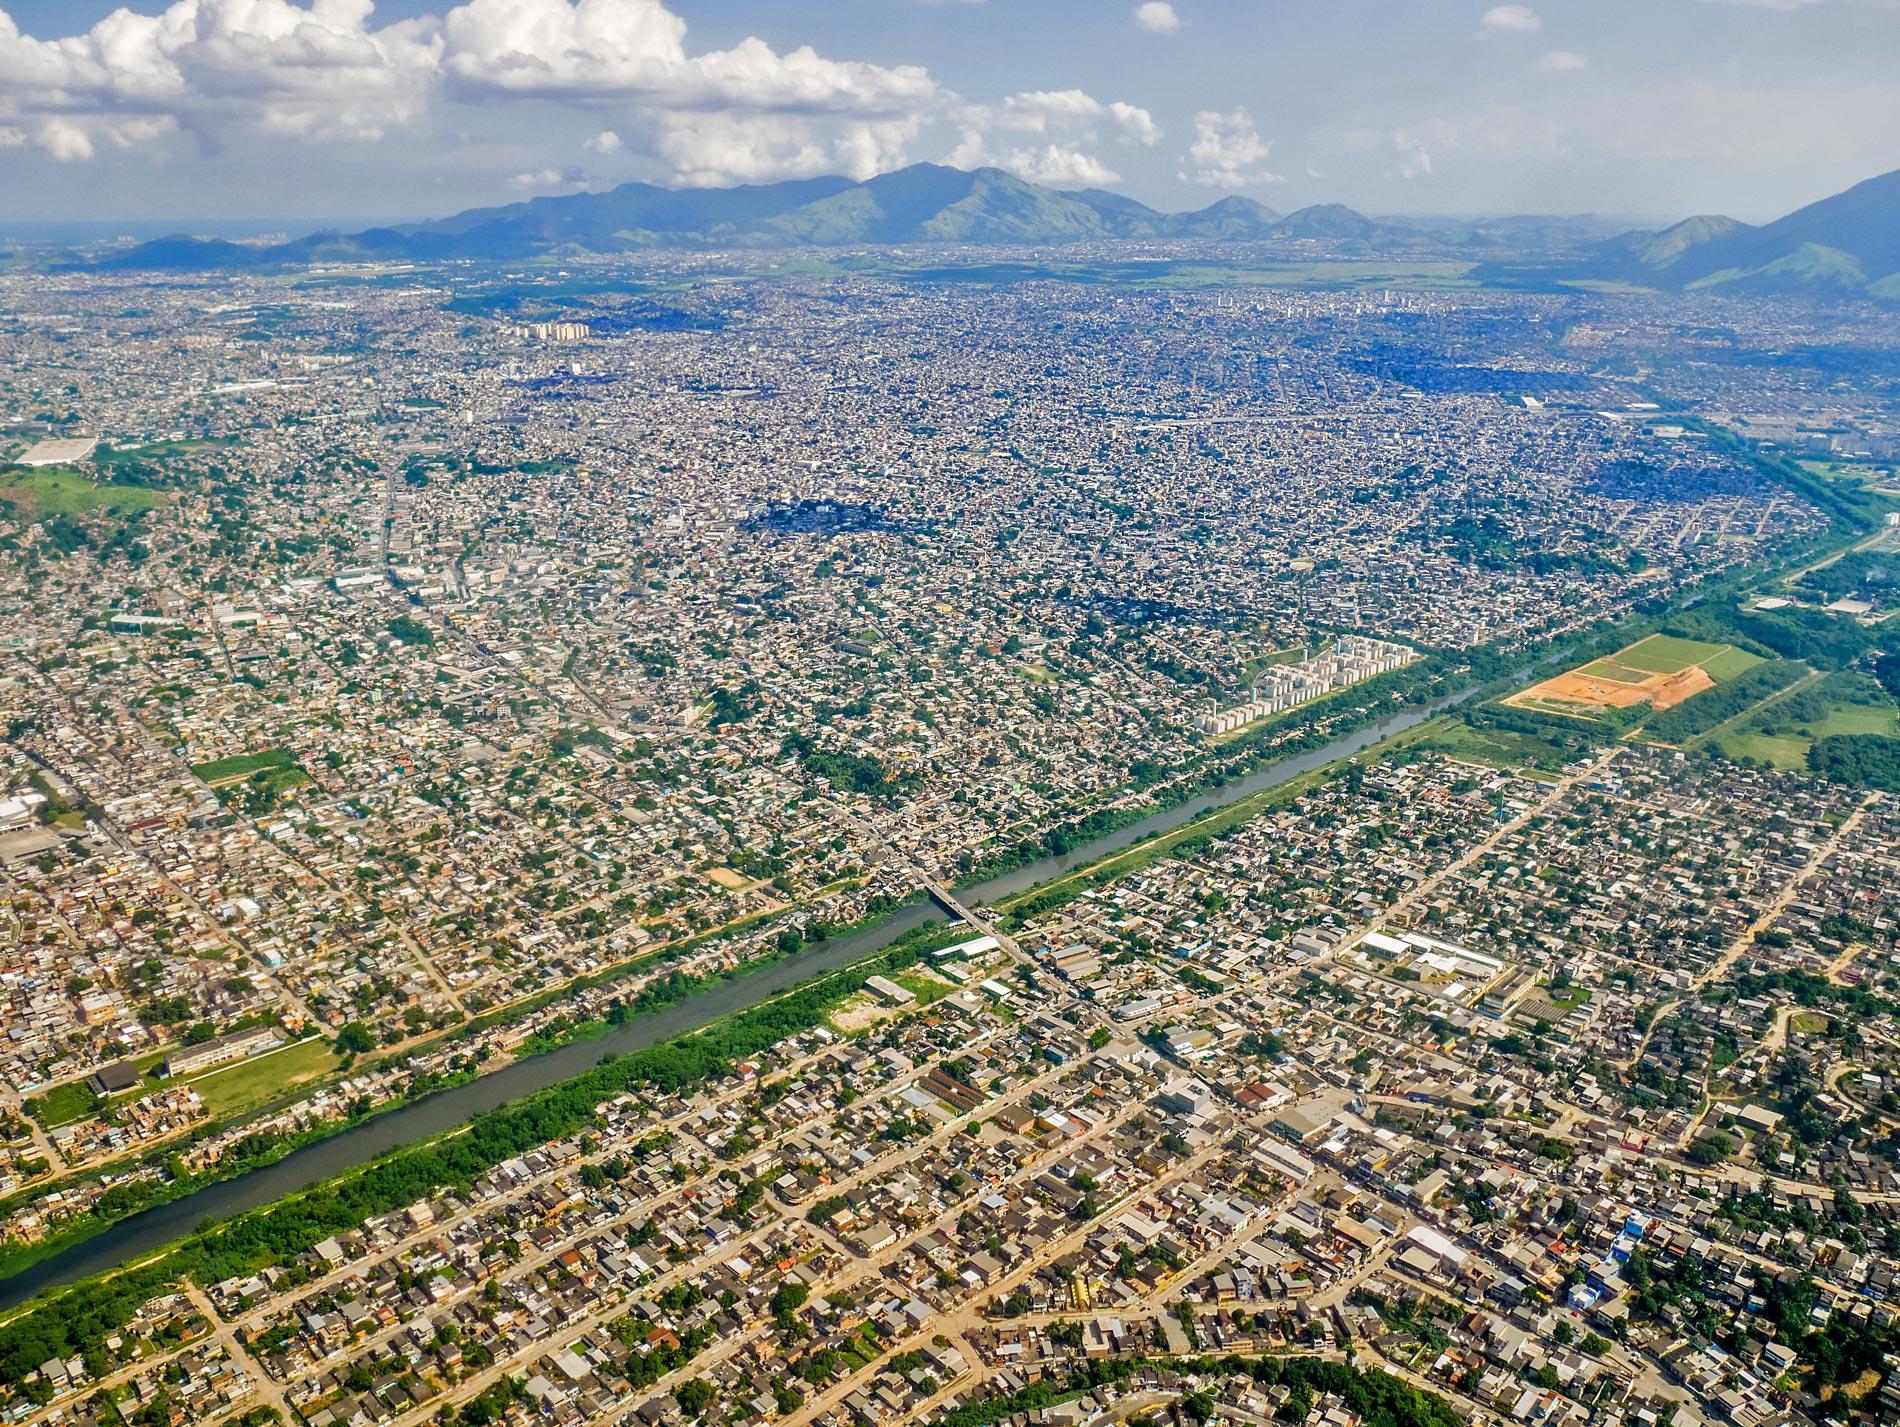 View of Rio de Janeiro from plane, Brazil